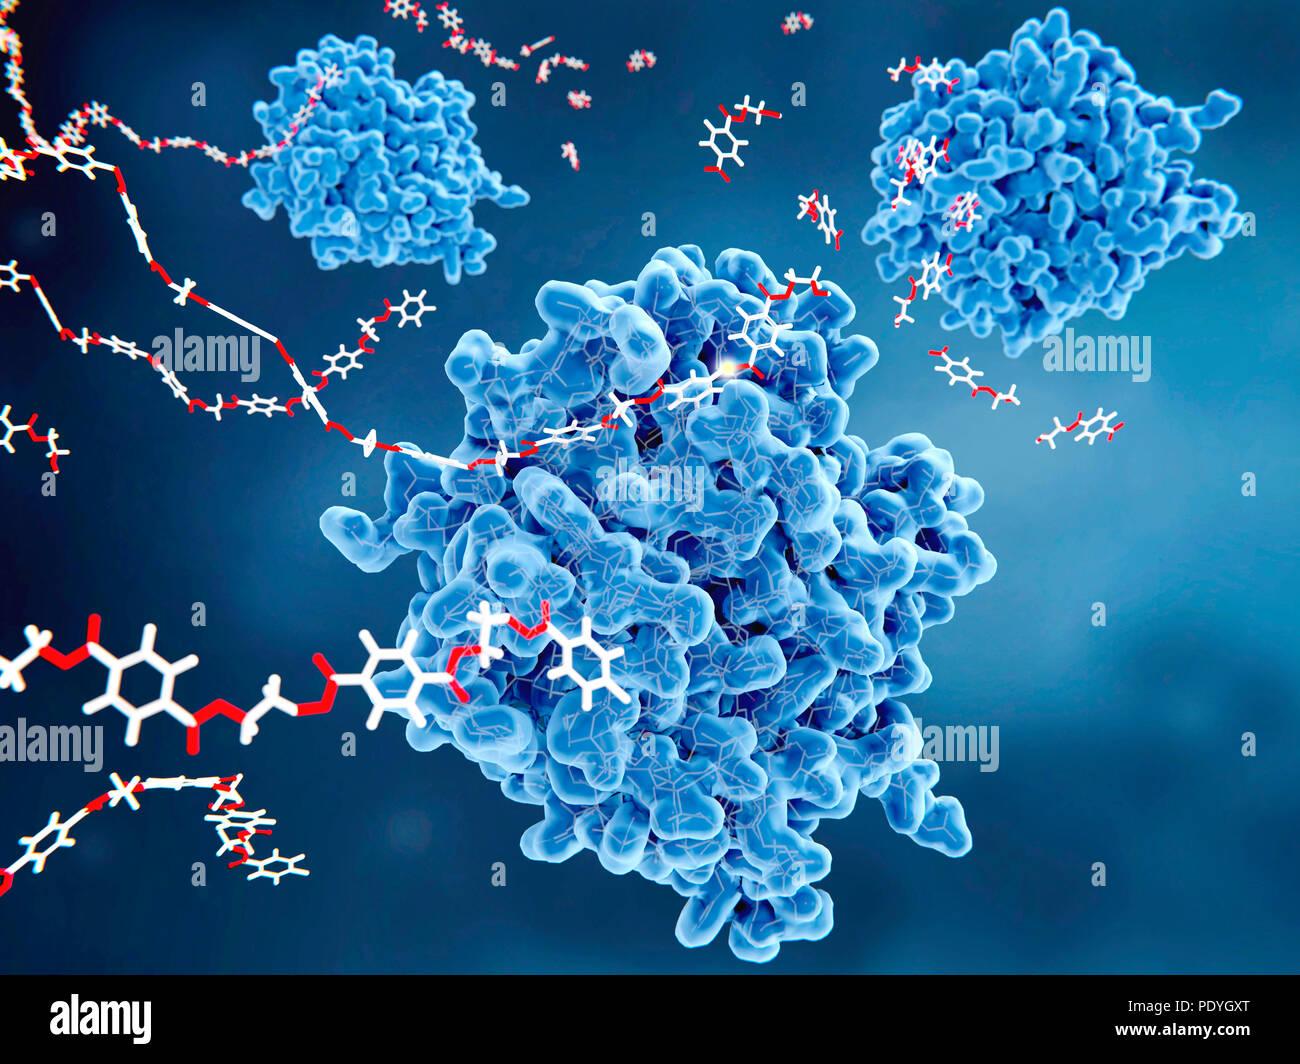 PETase enzymes (bleu) briser le plastique, l'illustration. PETase est une enzyme bactérienne qui décompose le PET (polyéthylène téréphtalate) plastics (rouge et blanc) à gauche, molécules monomères (coin supérieur droit). L'ensemble du processus de dégradation bactérienne acide téréphtalique purifié des rendements et de l'éthylène glycol, qui sont écologiquement inoffensif. Photo Stock